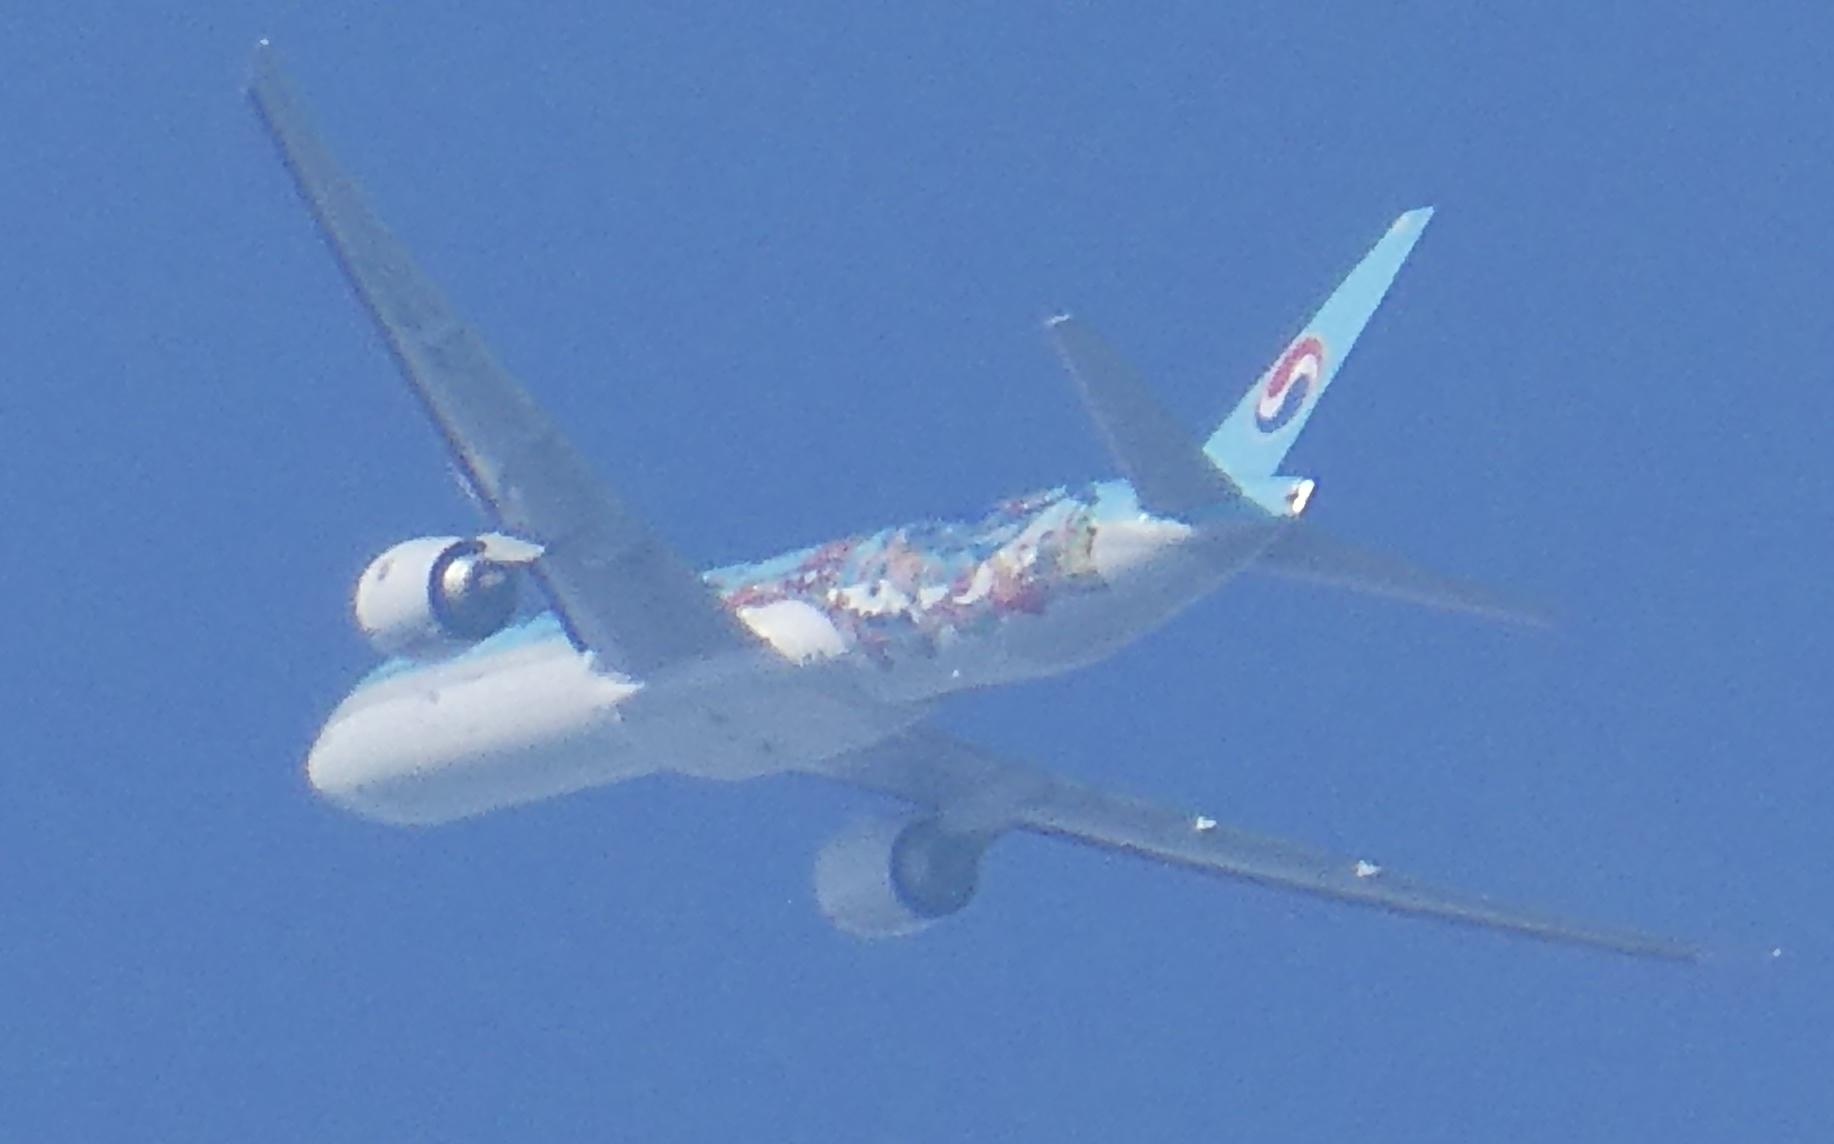 飛行機と遊ぶ_c0108460_15561384.jpg